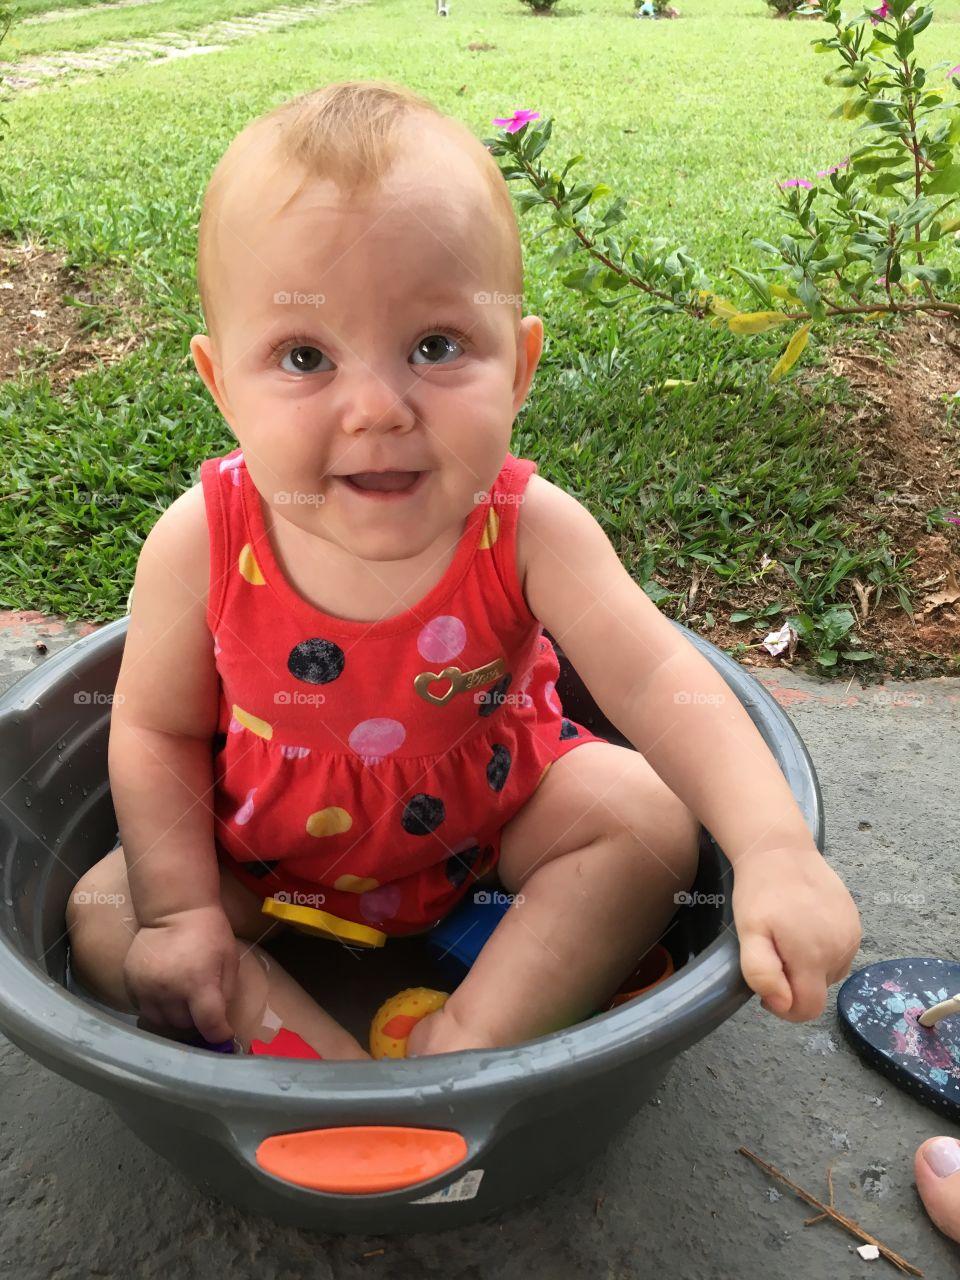 Minha linda filha Maria Estela (a Estrelinha da minha vida) e sua bacia refrescante! Divertir é preciso... ❤️